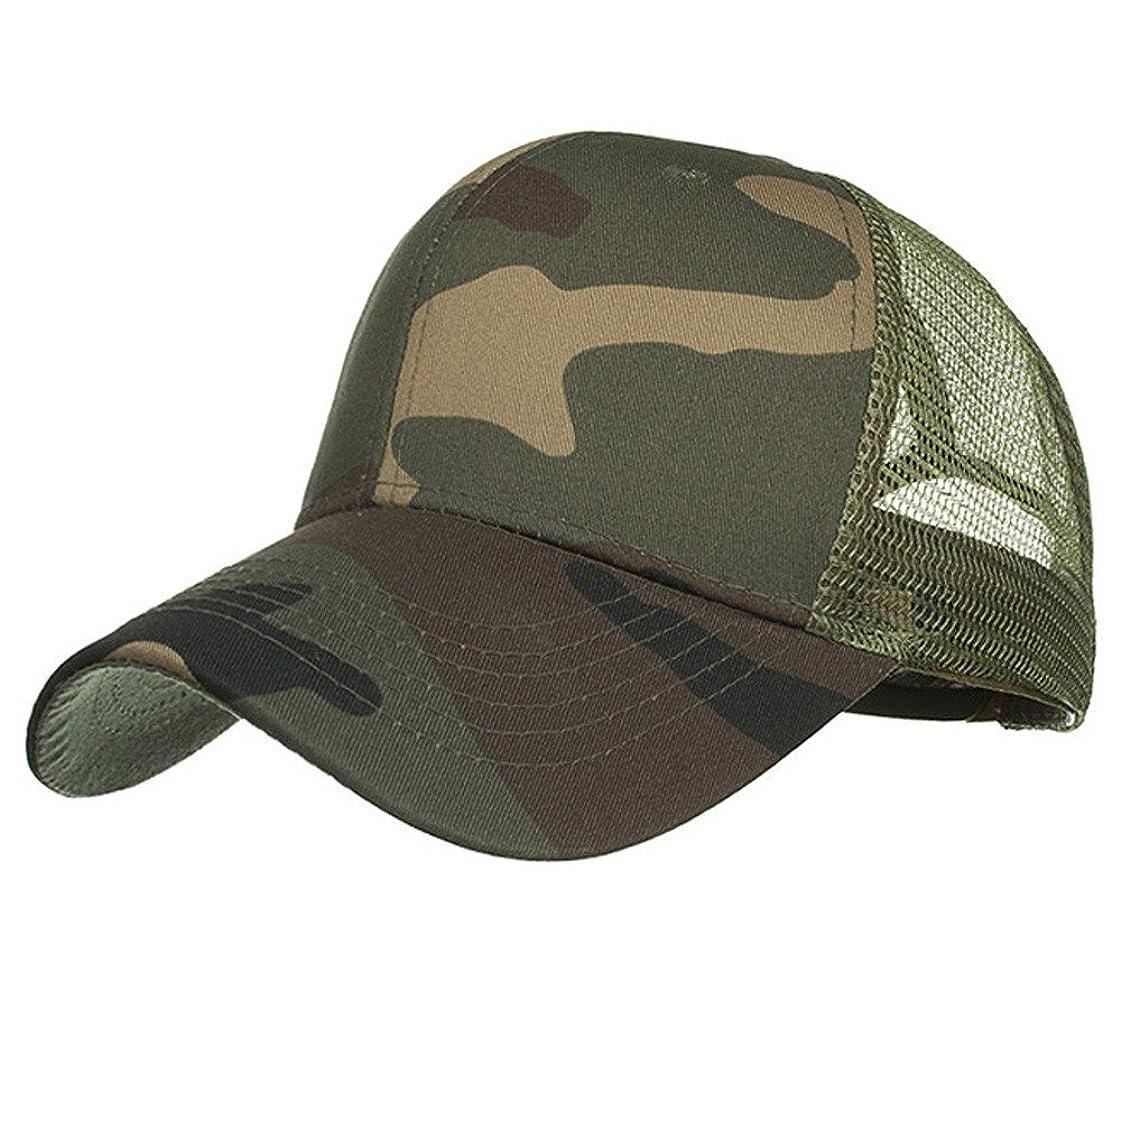 告白後方に委託Racazing Cap 迷彩 野球帽 メッシュステッチ 通気性のある 帽子 夏 登山 可調整可能 刺繍 棒球帽 UV 帽子 軽量 屋外 Unisex Hat (A)